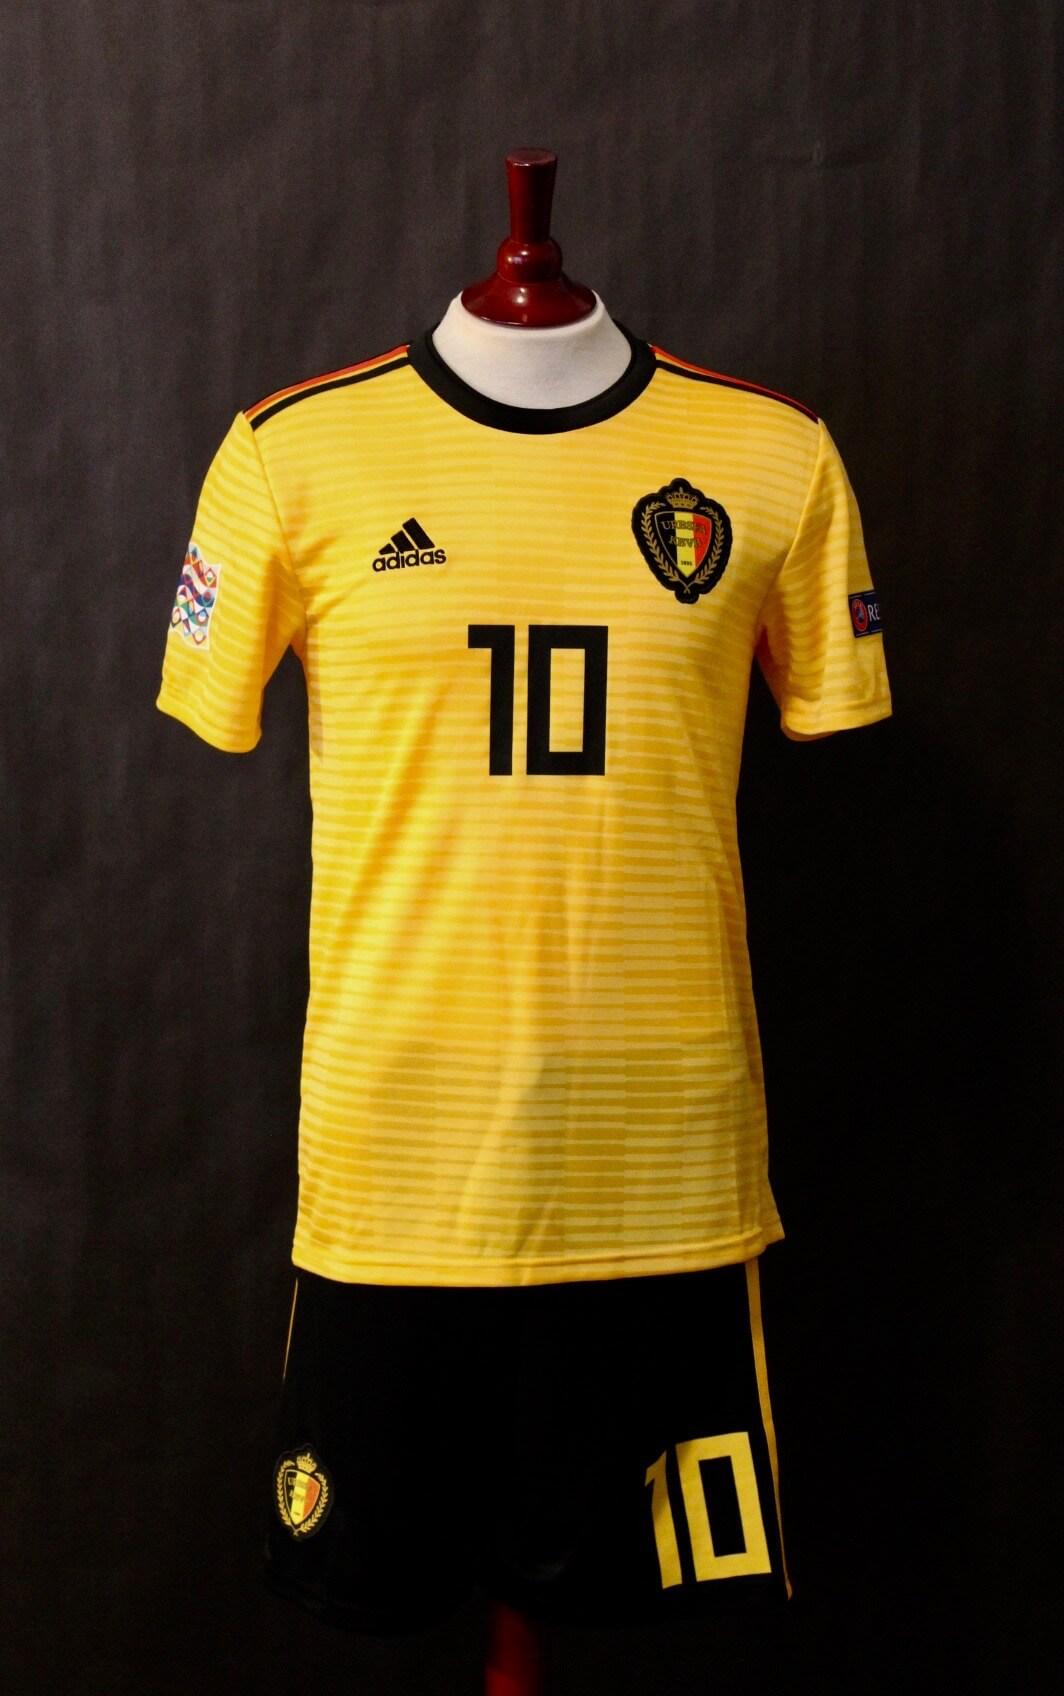 Eden Hazard Game Worn 10 Belgium National Team Away Shirt Shorts 2018 Uefa Nations League Memorabilia Expert